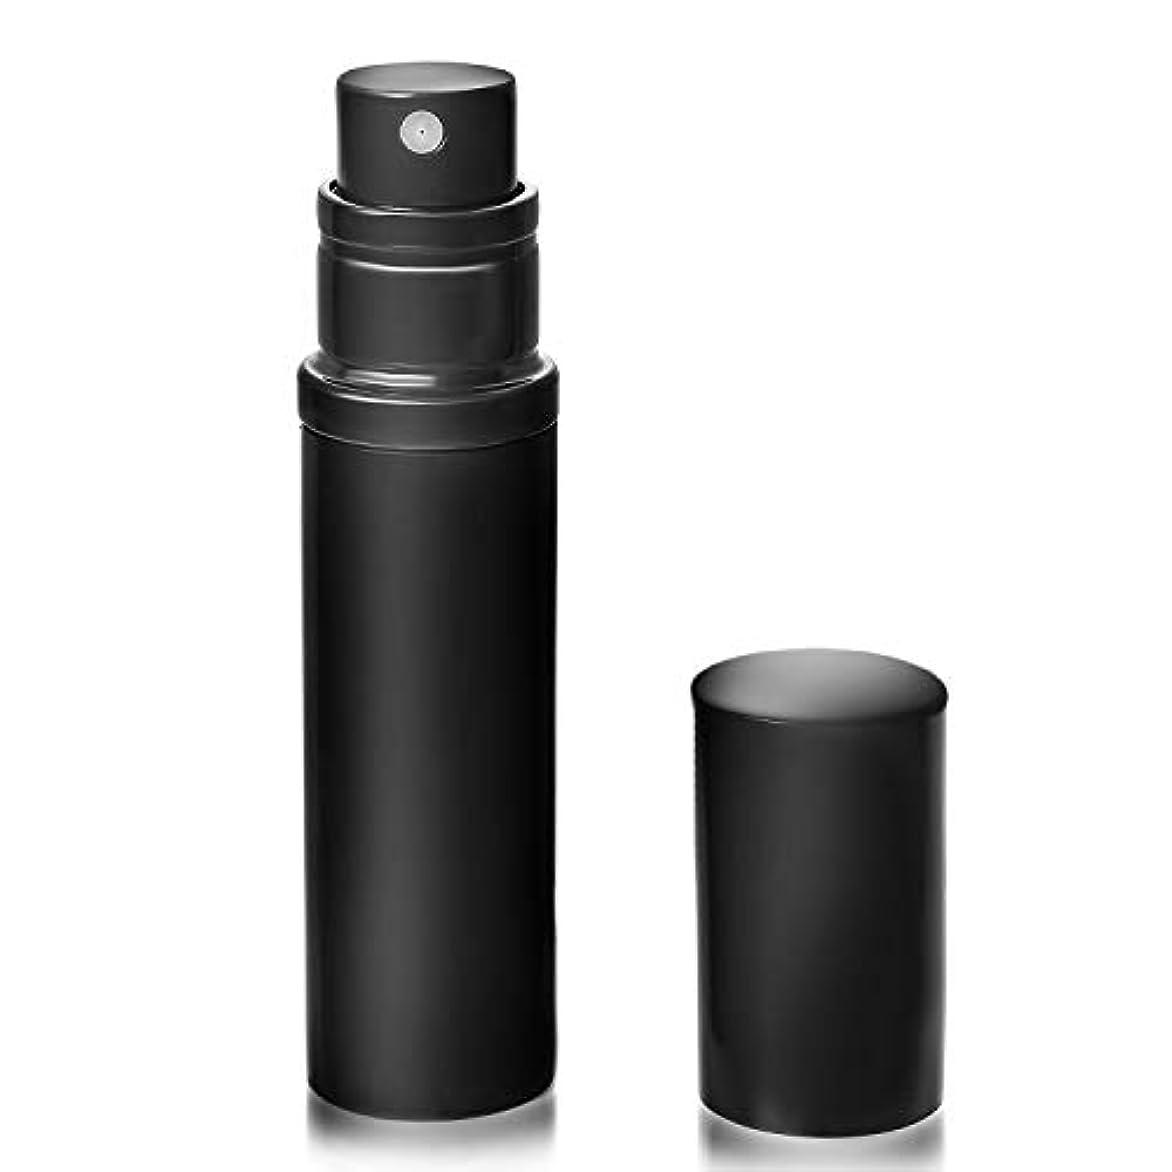 岩フレームワーク適用するアトマイザ- 香水 クイックアトマイザー ワンタッチ 入れ物 簡単 持ち運び 詰め替え ポータブルクイック 容器 香水噴霧器 ブラック YOOMARO